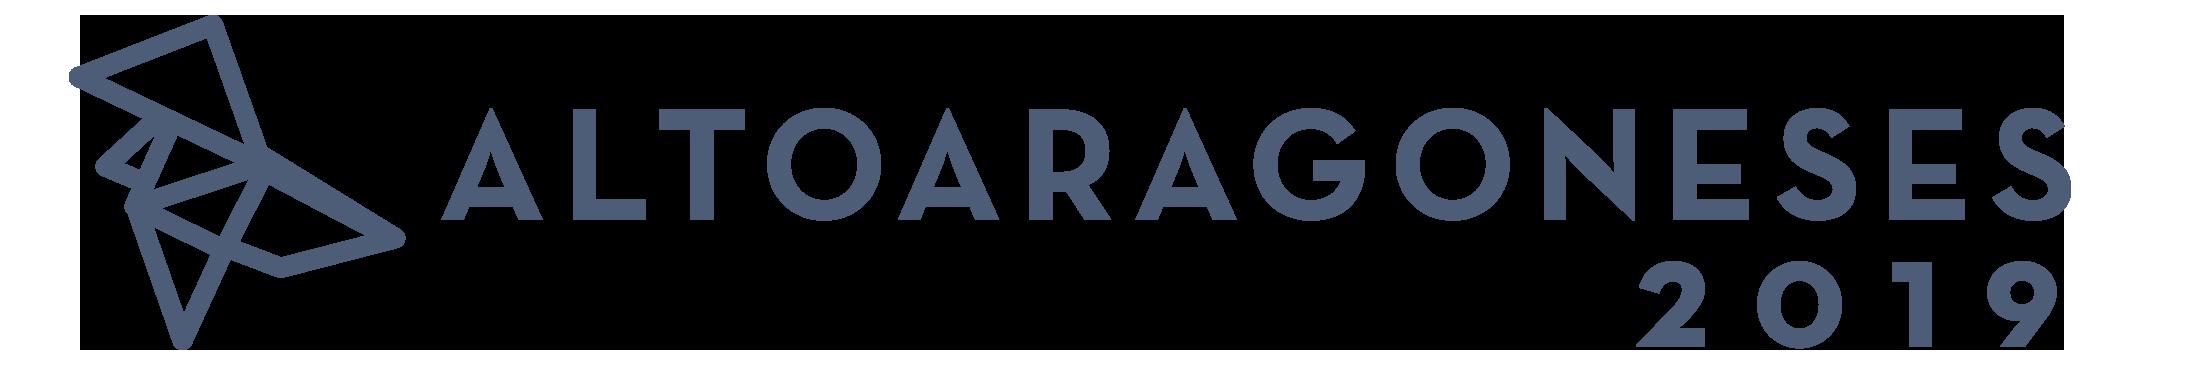 Diario del Alto Aragón - Premios Altoaragonés del Año